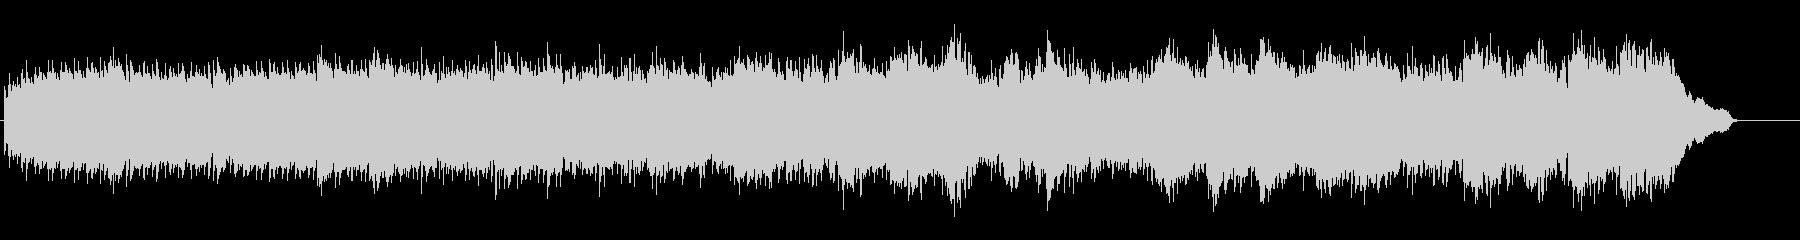 ピアノと弦楽器のおしゃれな映像用BGMの未再生の波形